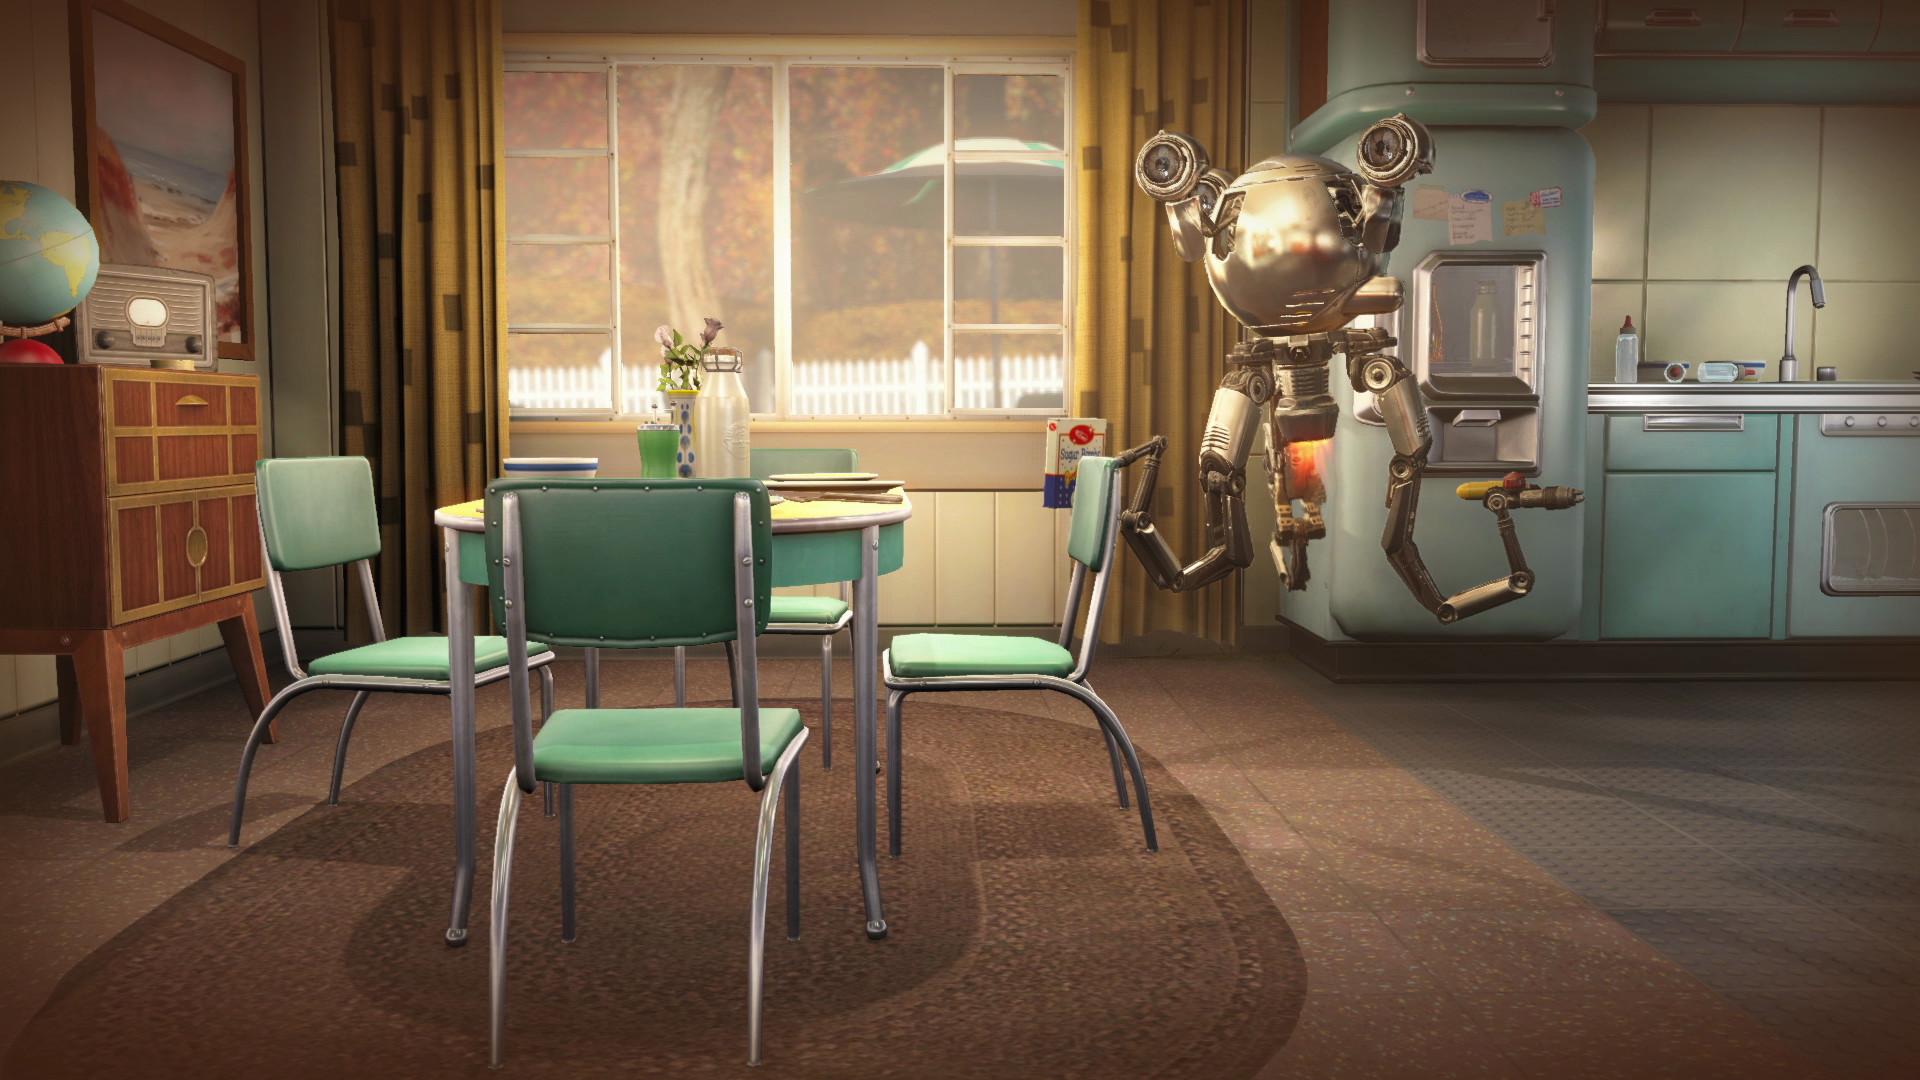 Keine Mods Fr Fallout 4 Und Skyrim Special Edition Ps4 Beyond Sony Hat Das Entwicklerstudio Angegeben Dass Es Geben Wird Der Grund Damit Auch Treffen